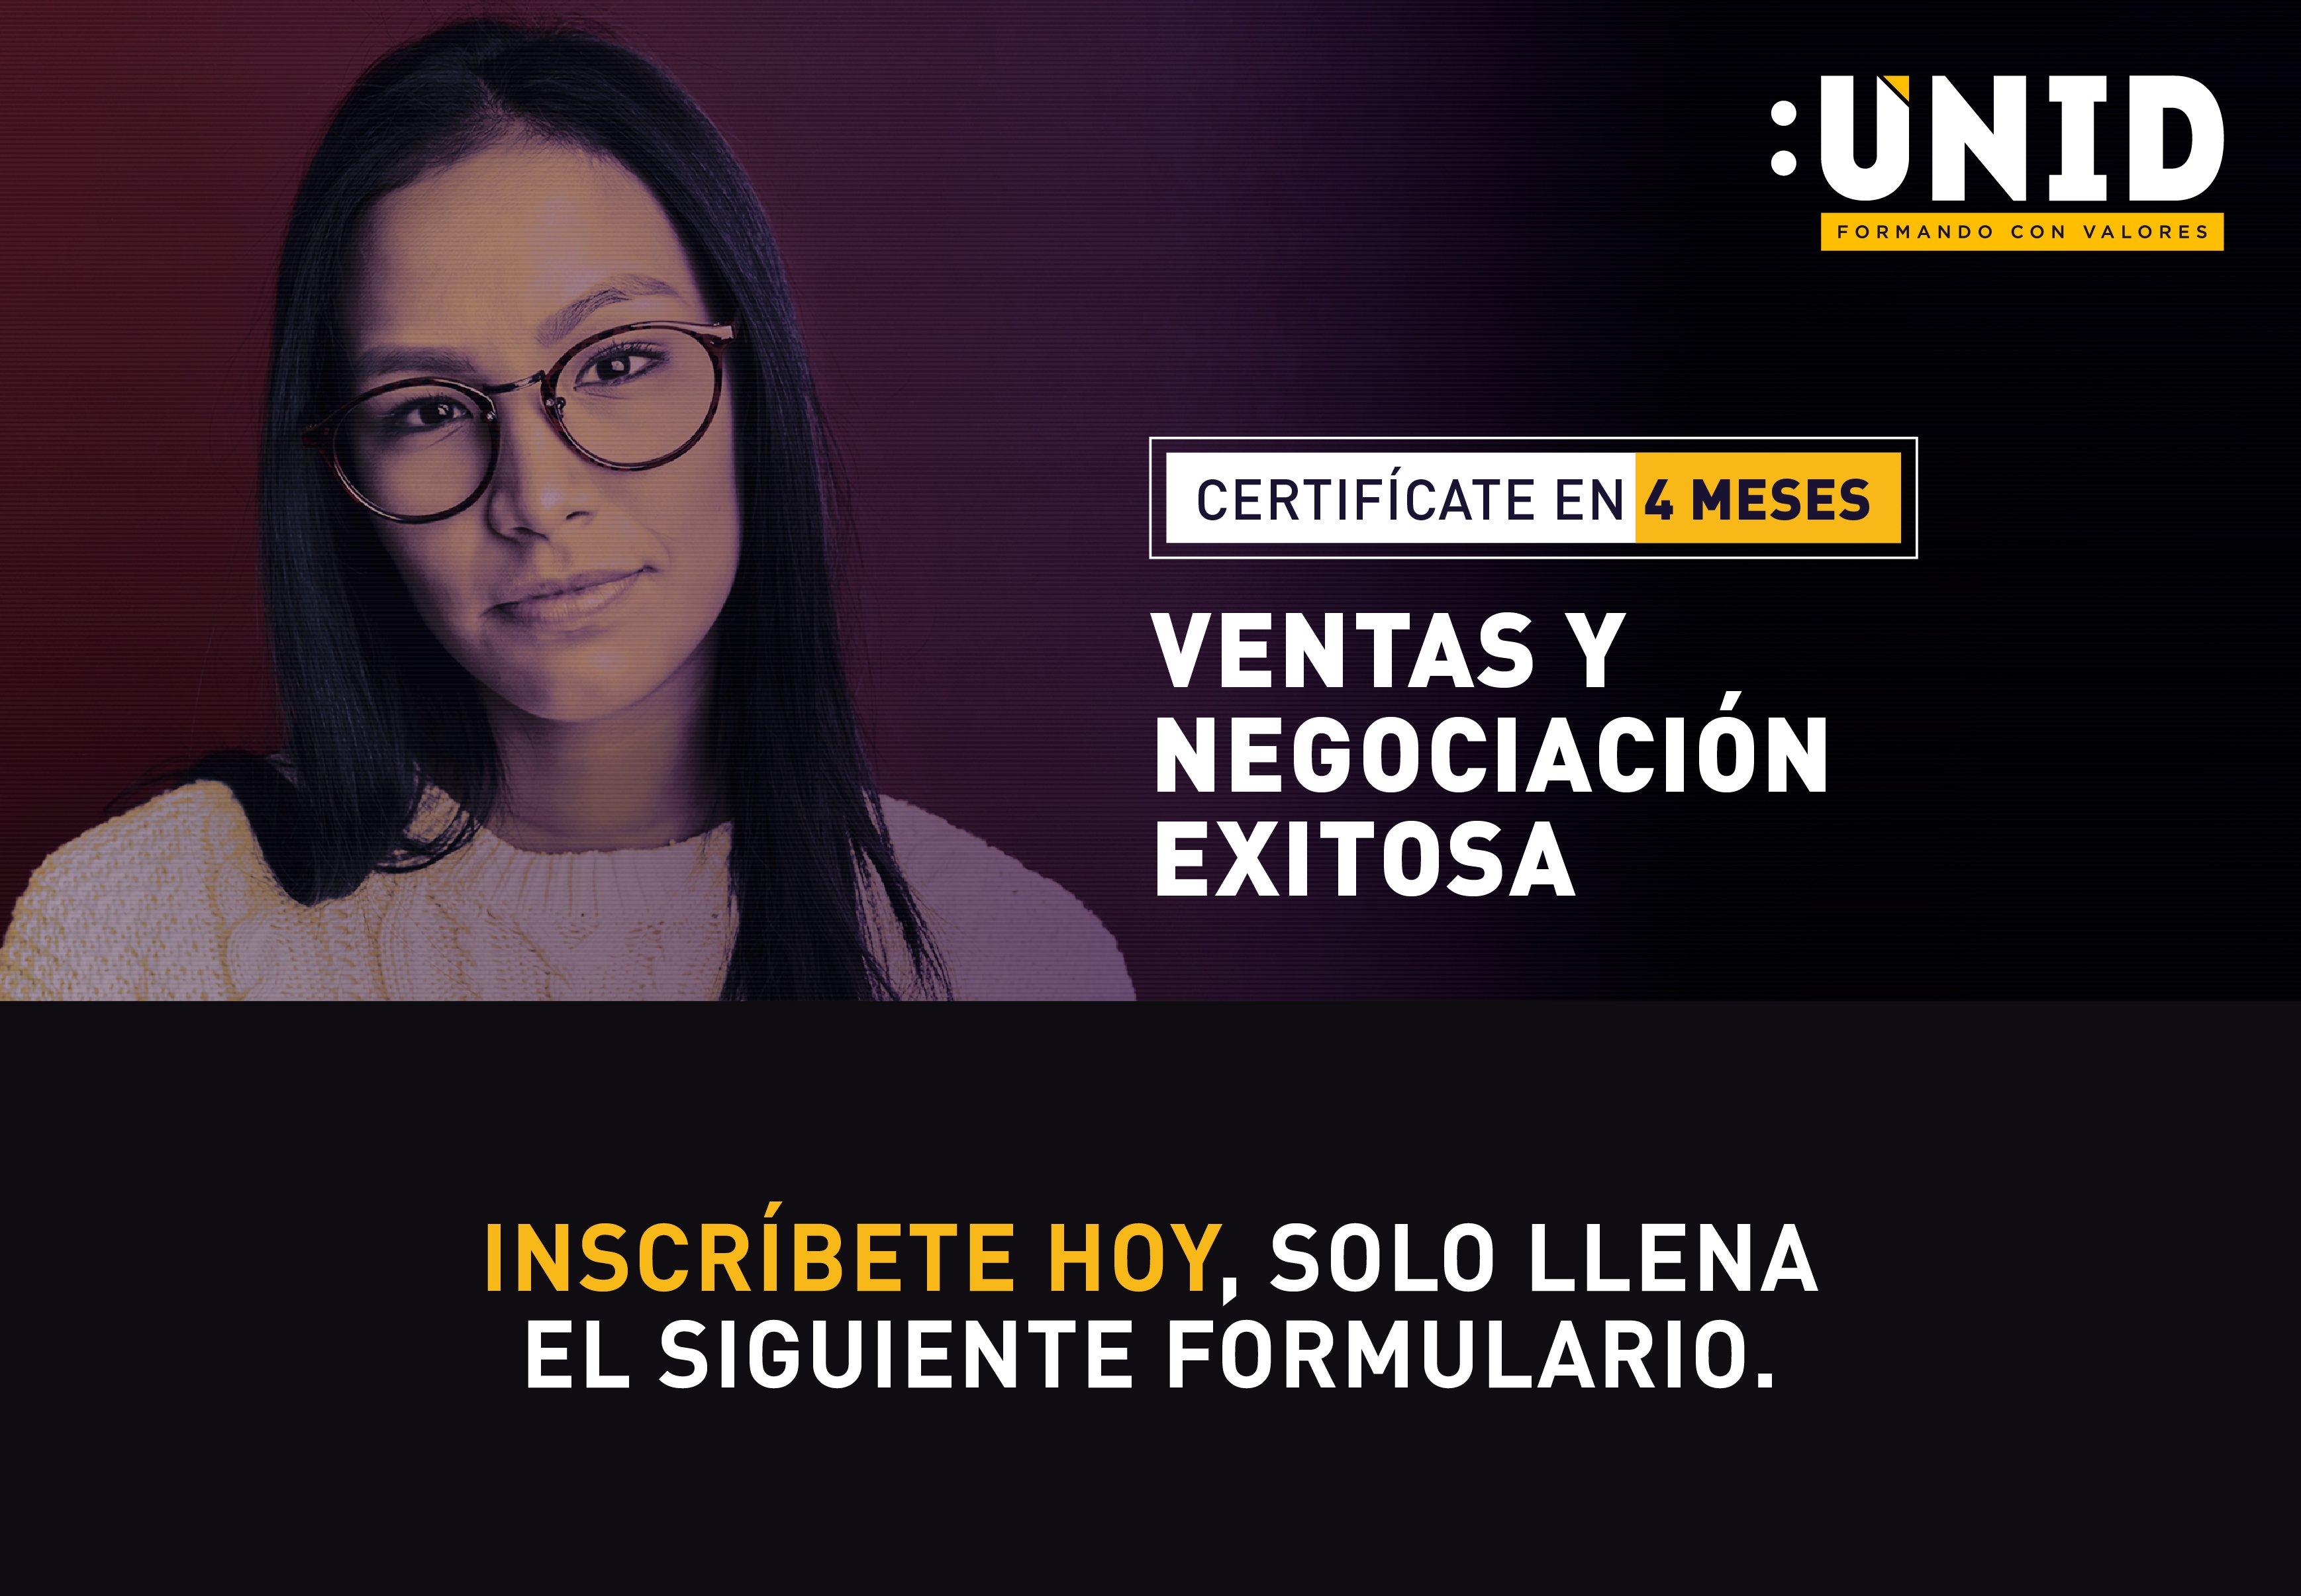 UNID LP Negociacion C_LANDING 1